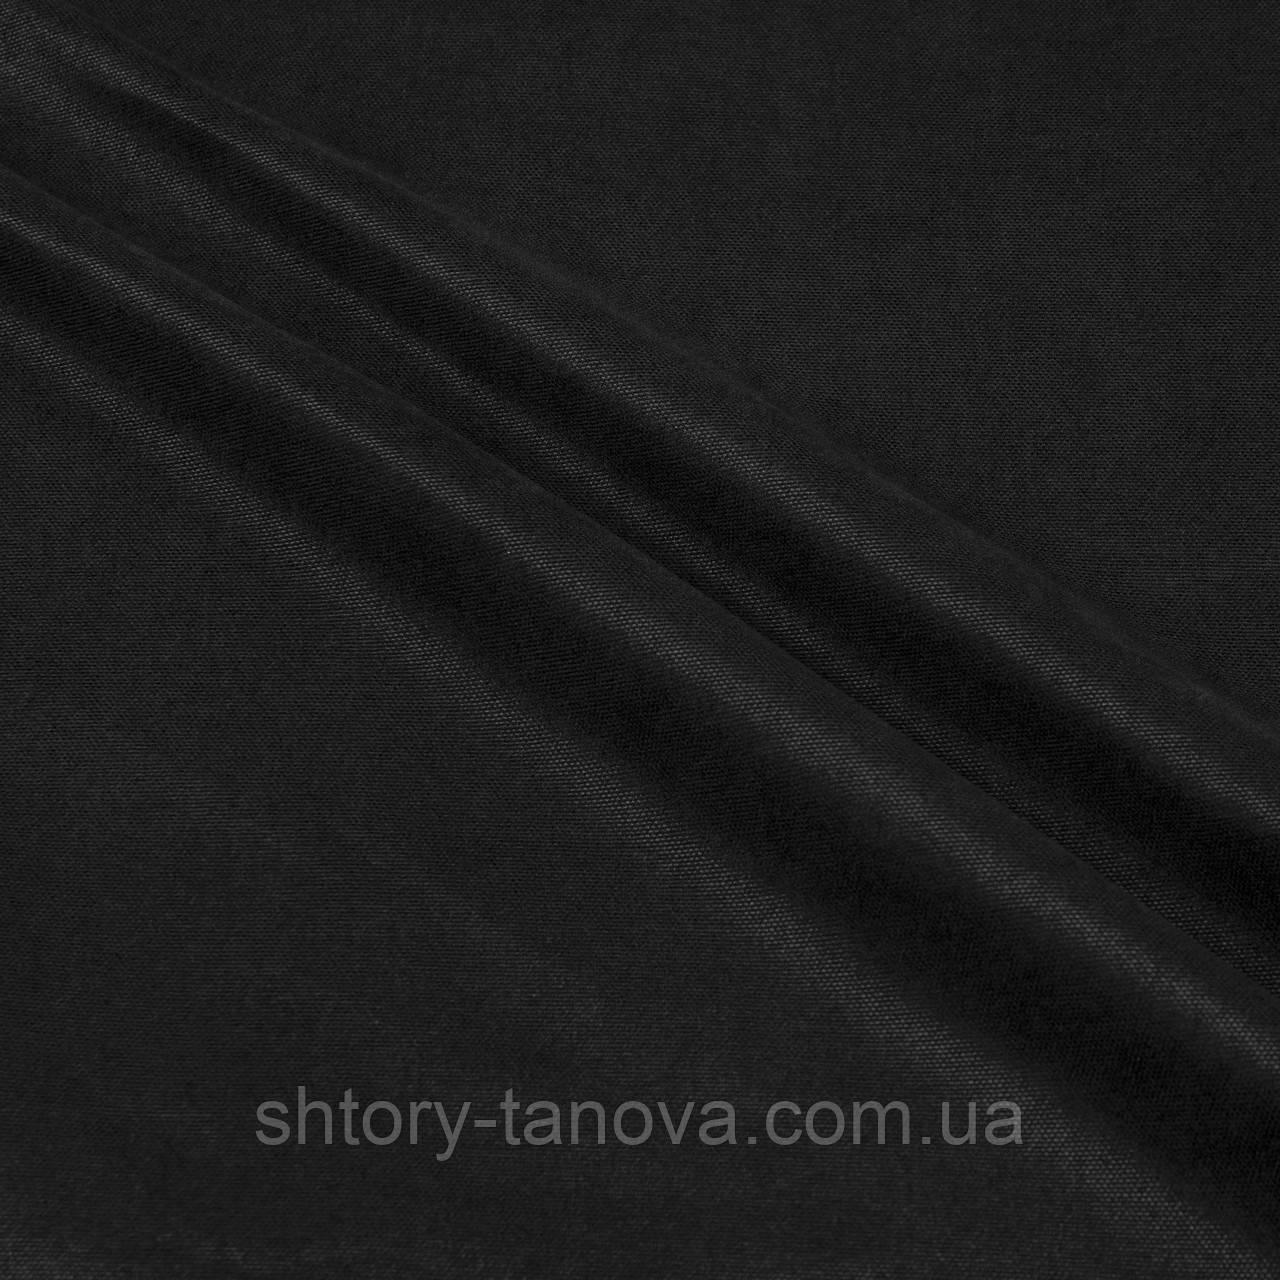 Ткань для штор нубук черный